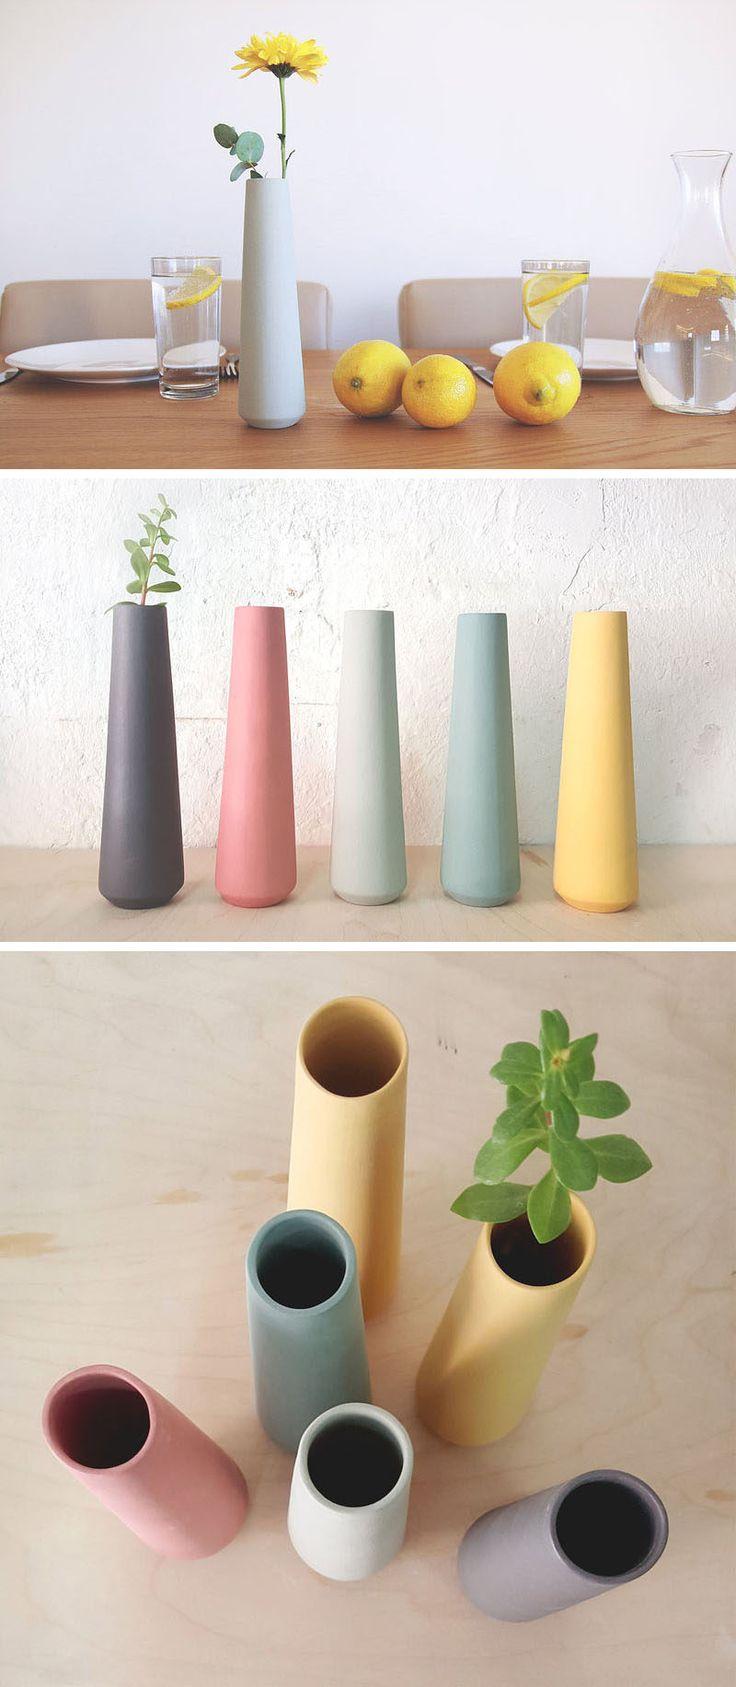 Эти высокие, керамические, одиночные цветочные вазы имеют простой минималистский дизайн, входят в диапазон пастельных тонов, и подойдет любой весенний декор тему.